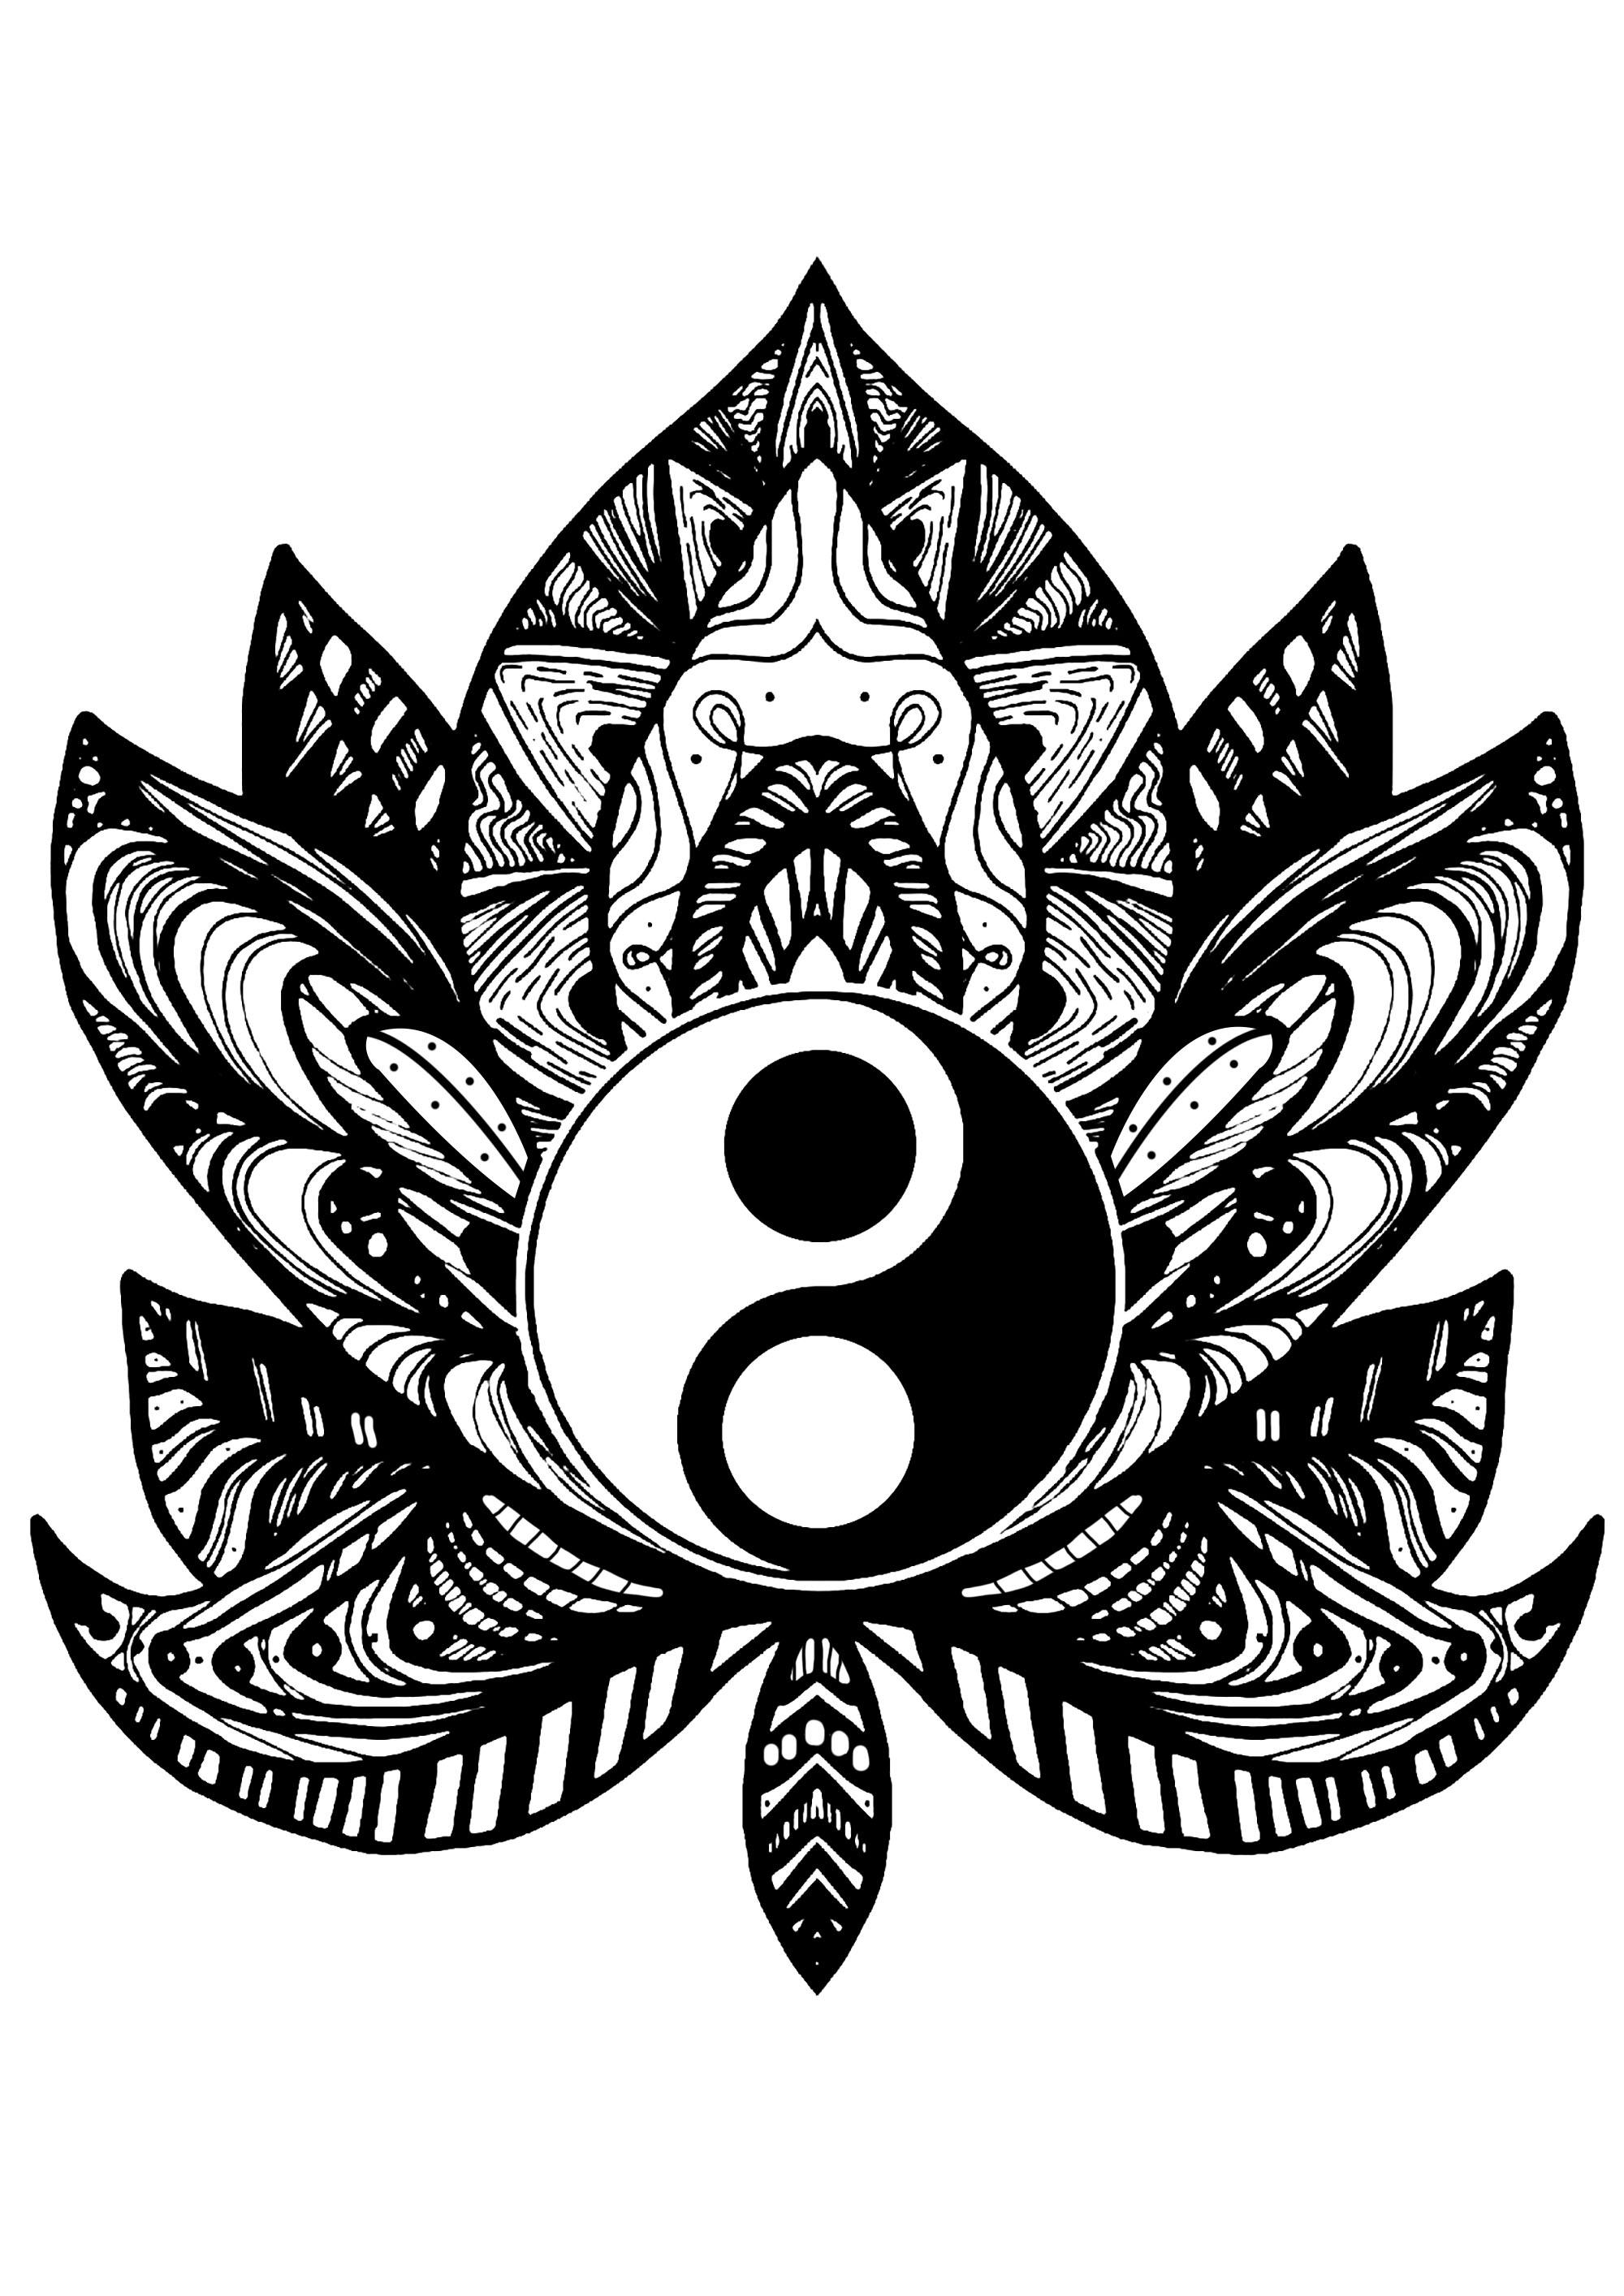 Détendez-vous en coloriant cette étrange fleur avec un symbole Yin & Yang au centre